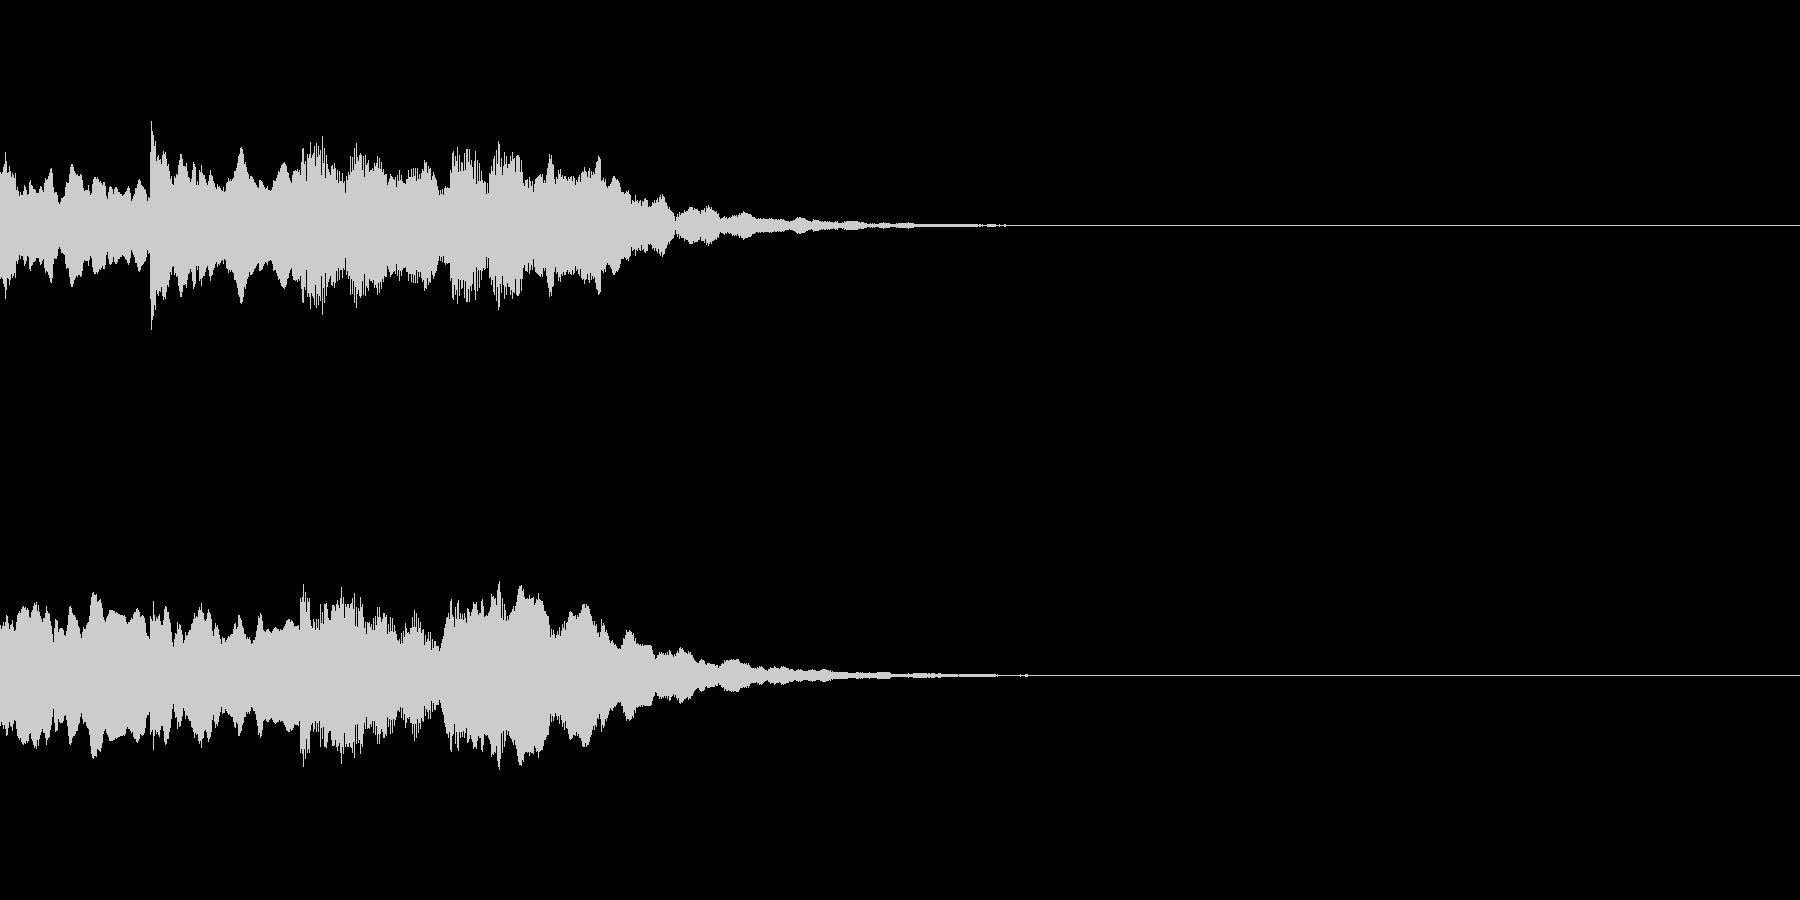 ピンポンパンポン シンセ 下降の未再生の波形